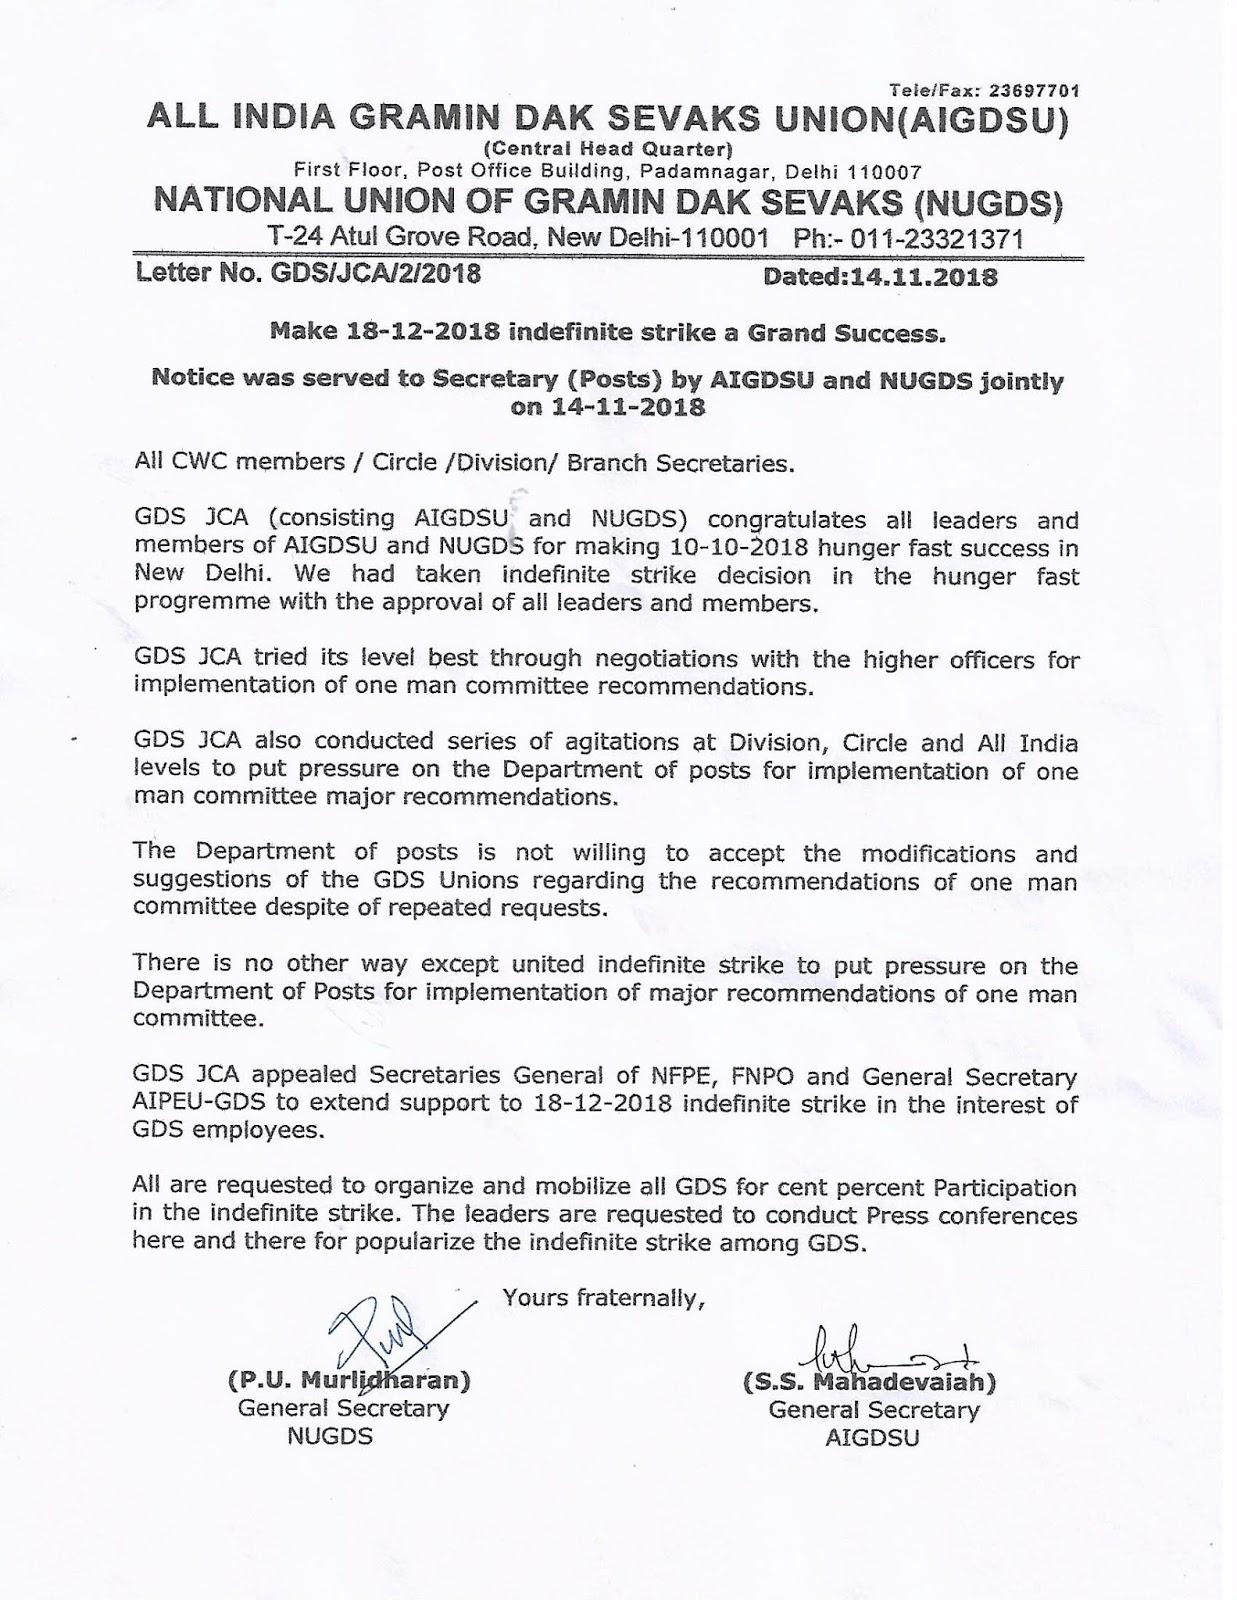 Make 18th Dec 2018 indefinite strike a Grand Success by AIGDSU and NUGDS